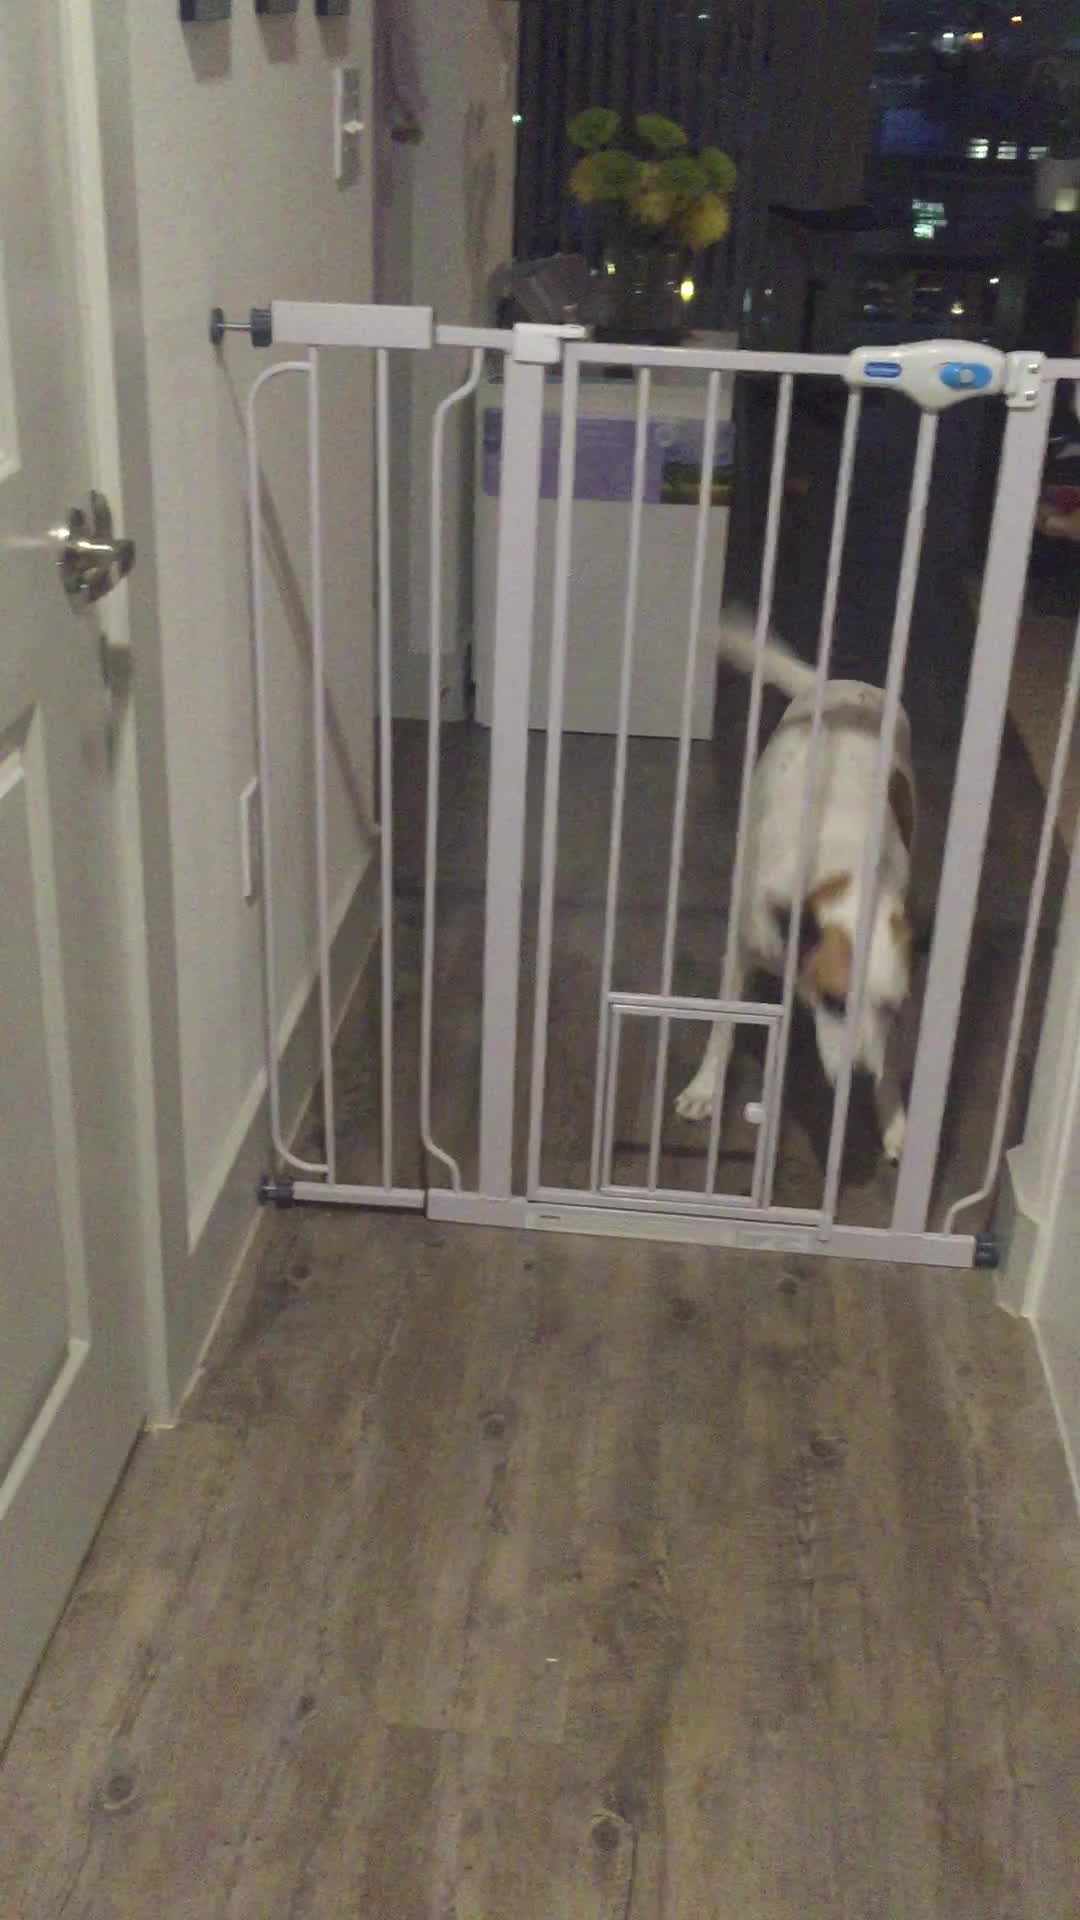 PetBehavior, funny, What do you mean, 'cat' door? GIFs